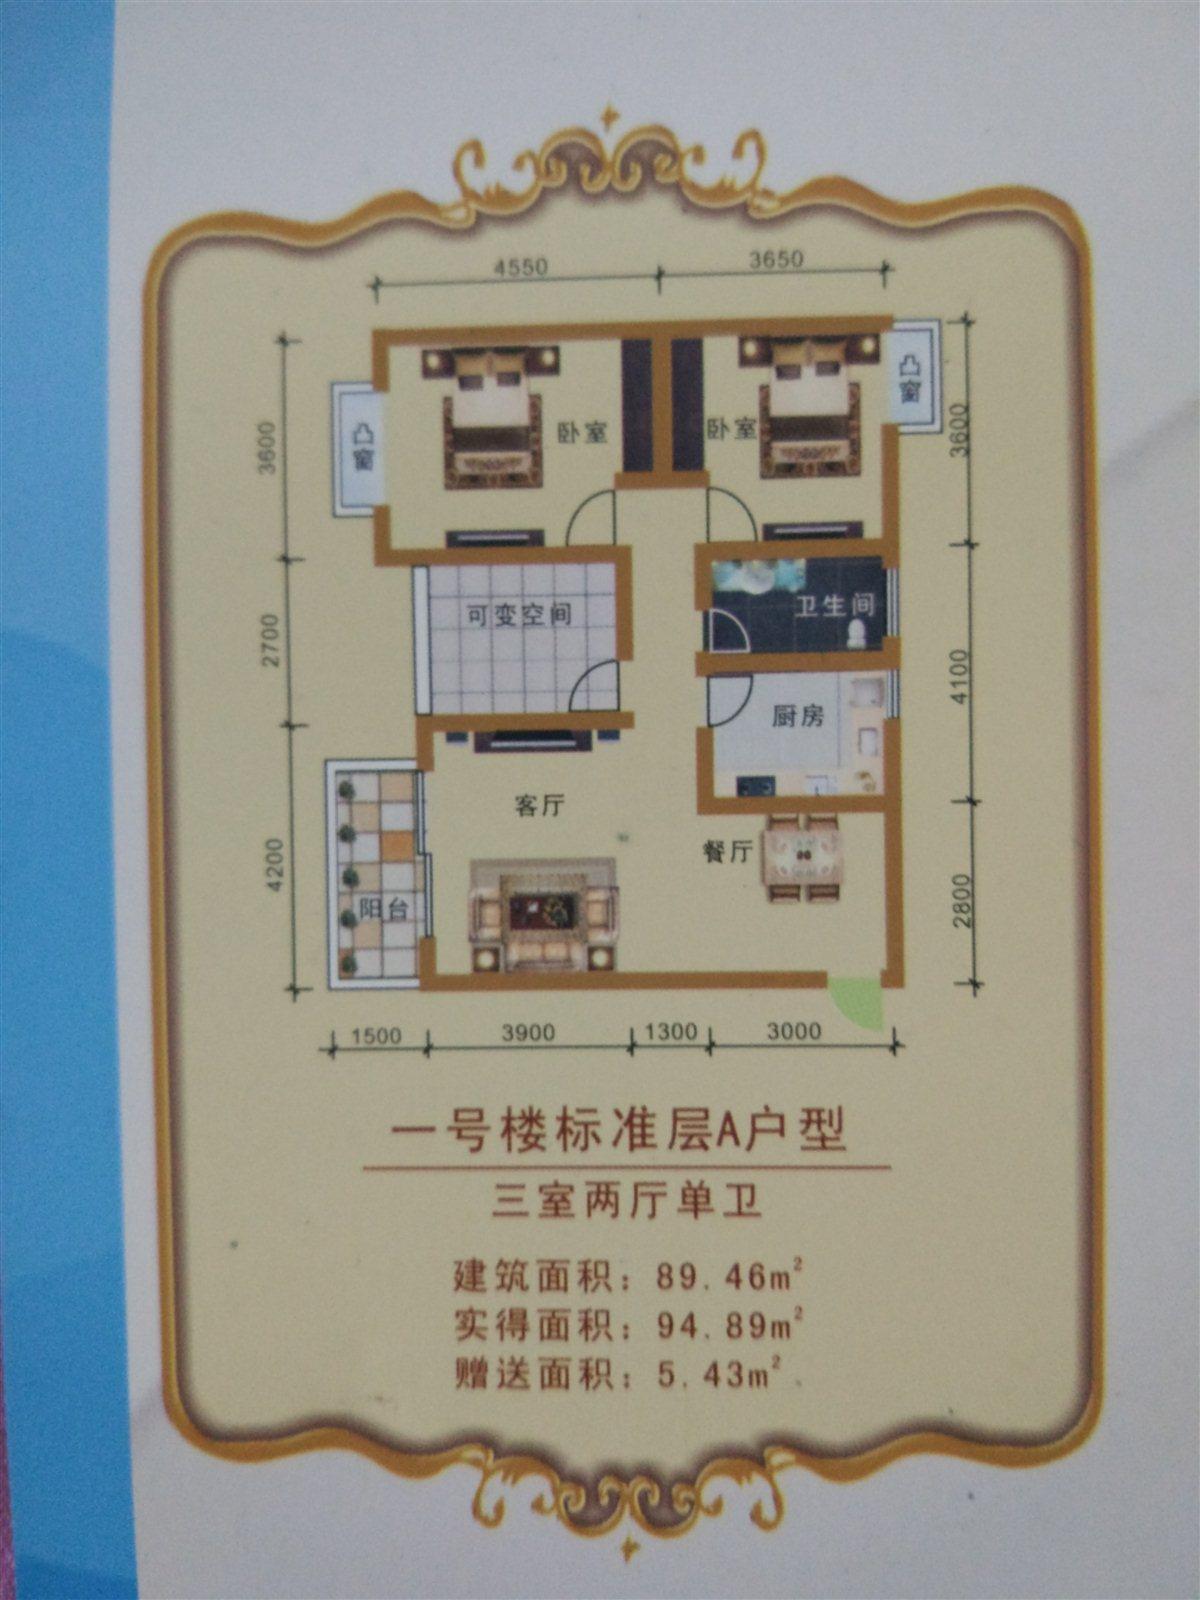 锦绣复兴,新房出售,户型多 ,楼层可选